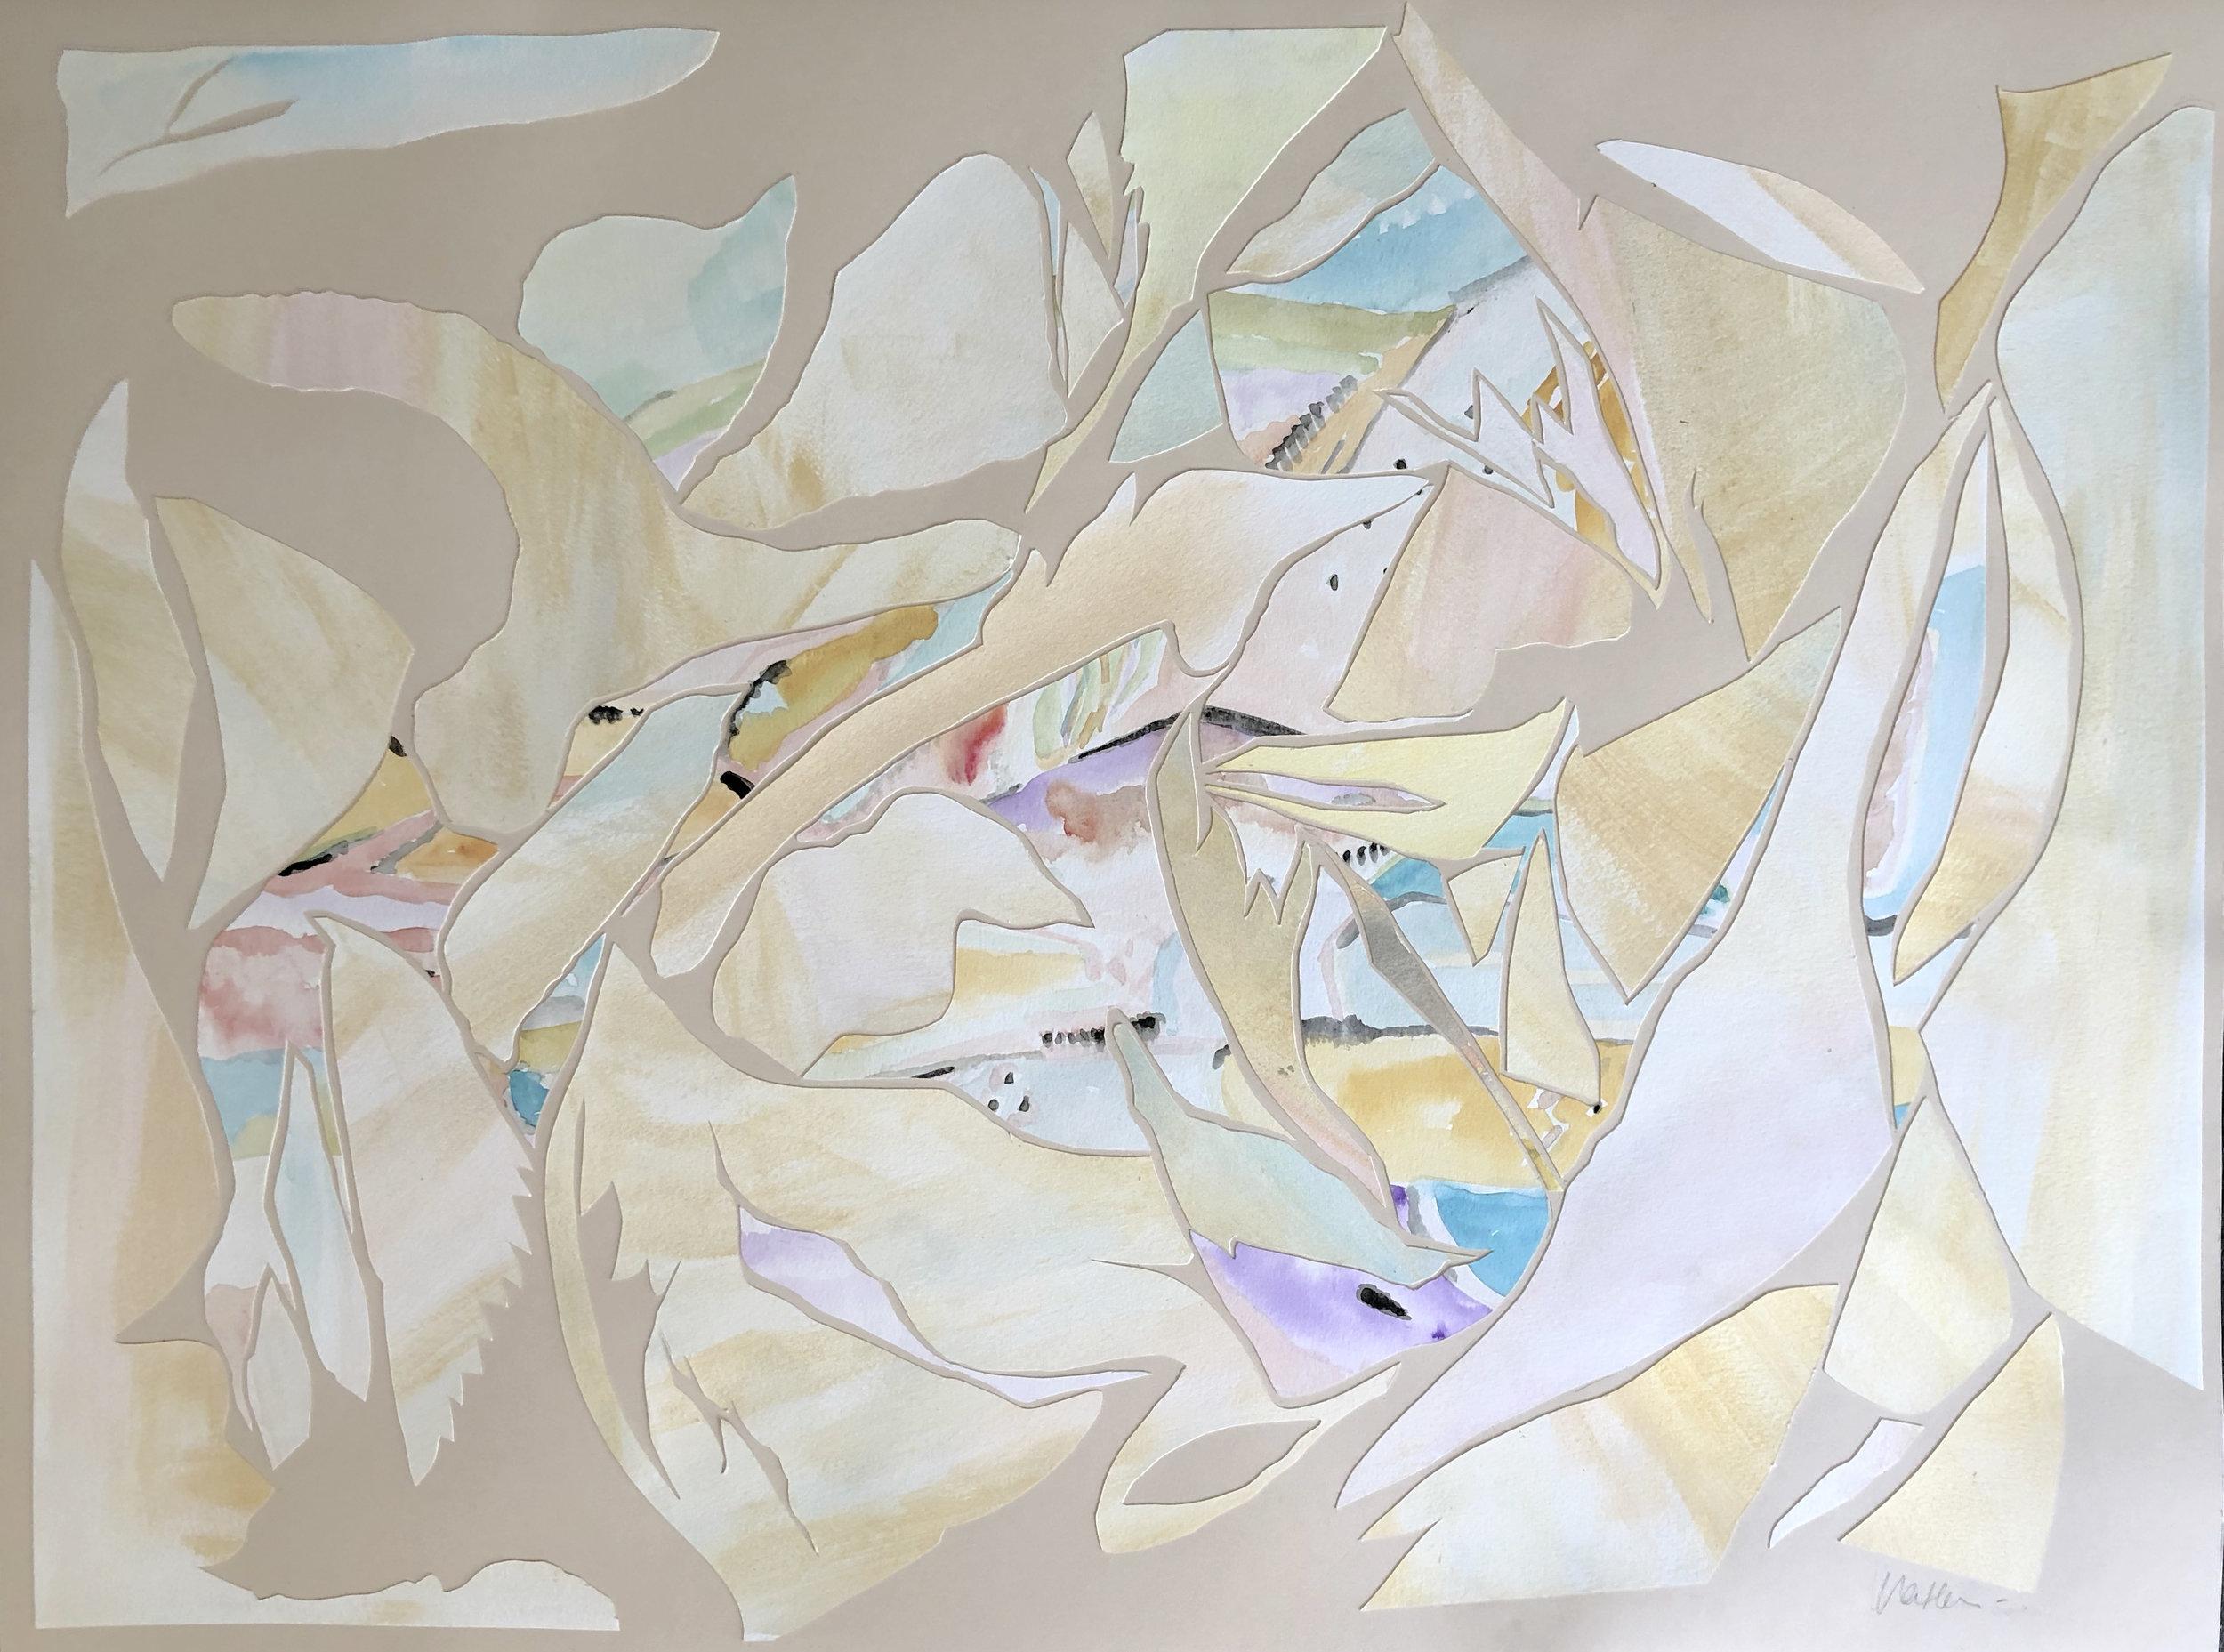 Composition No. 2, 2018